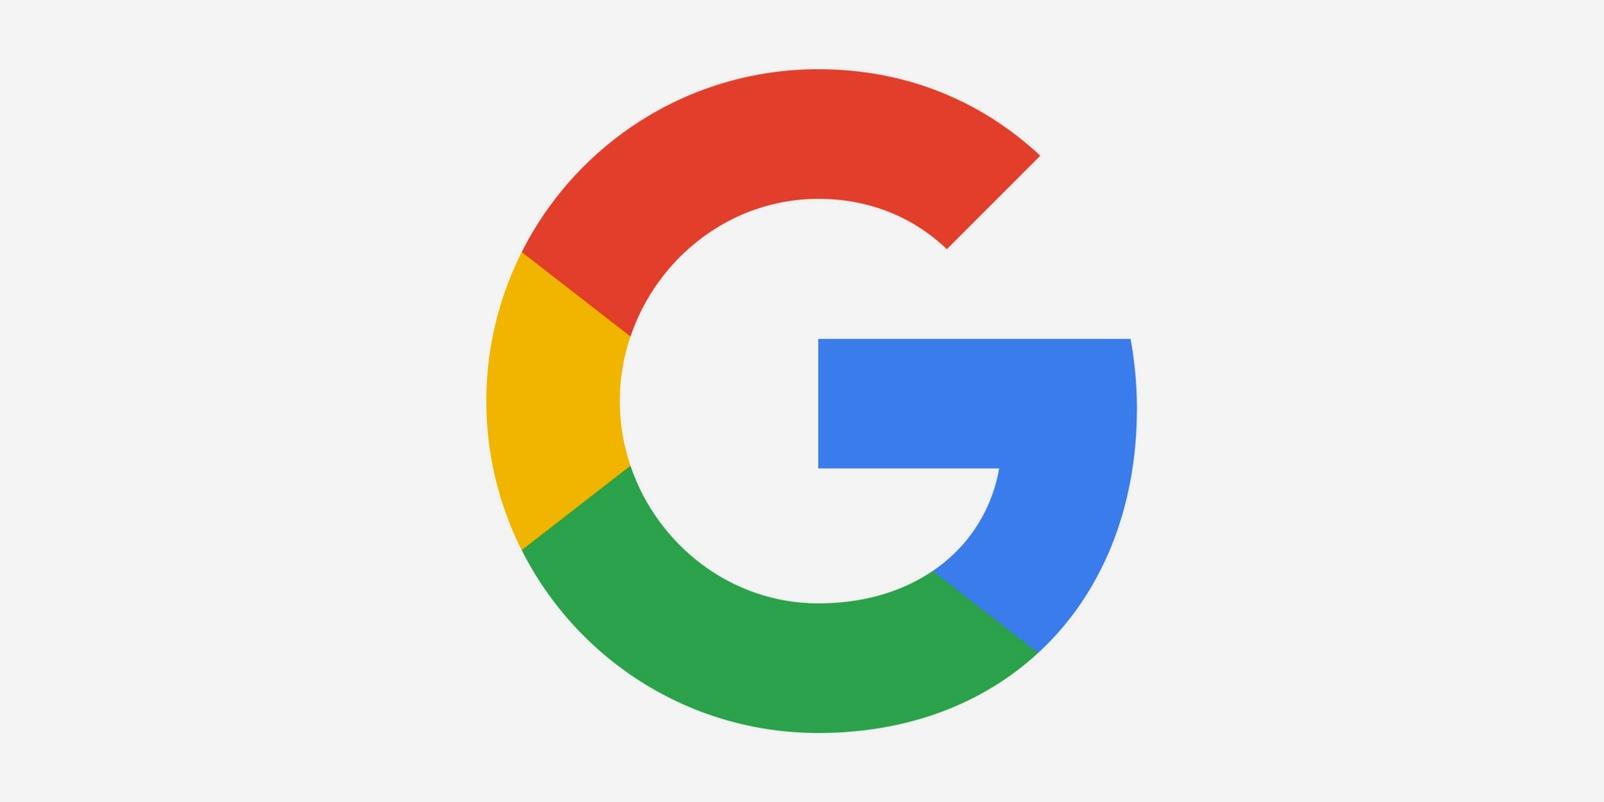 صورة جوجل ربما تواجه تحقيقات متعلقة بالاحتكار بشأن أندرويد في الصين